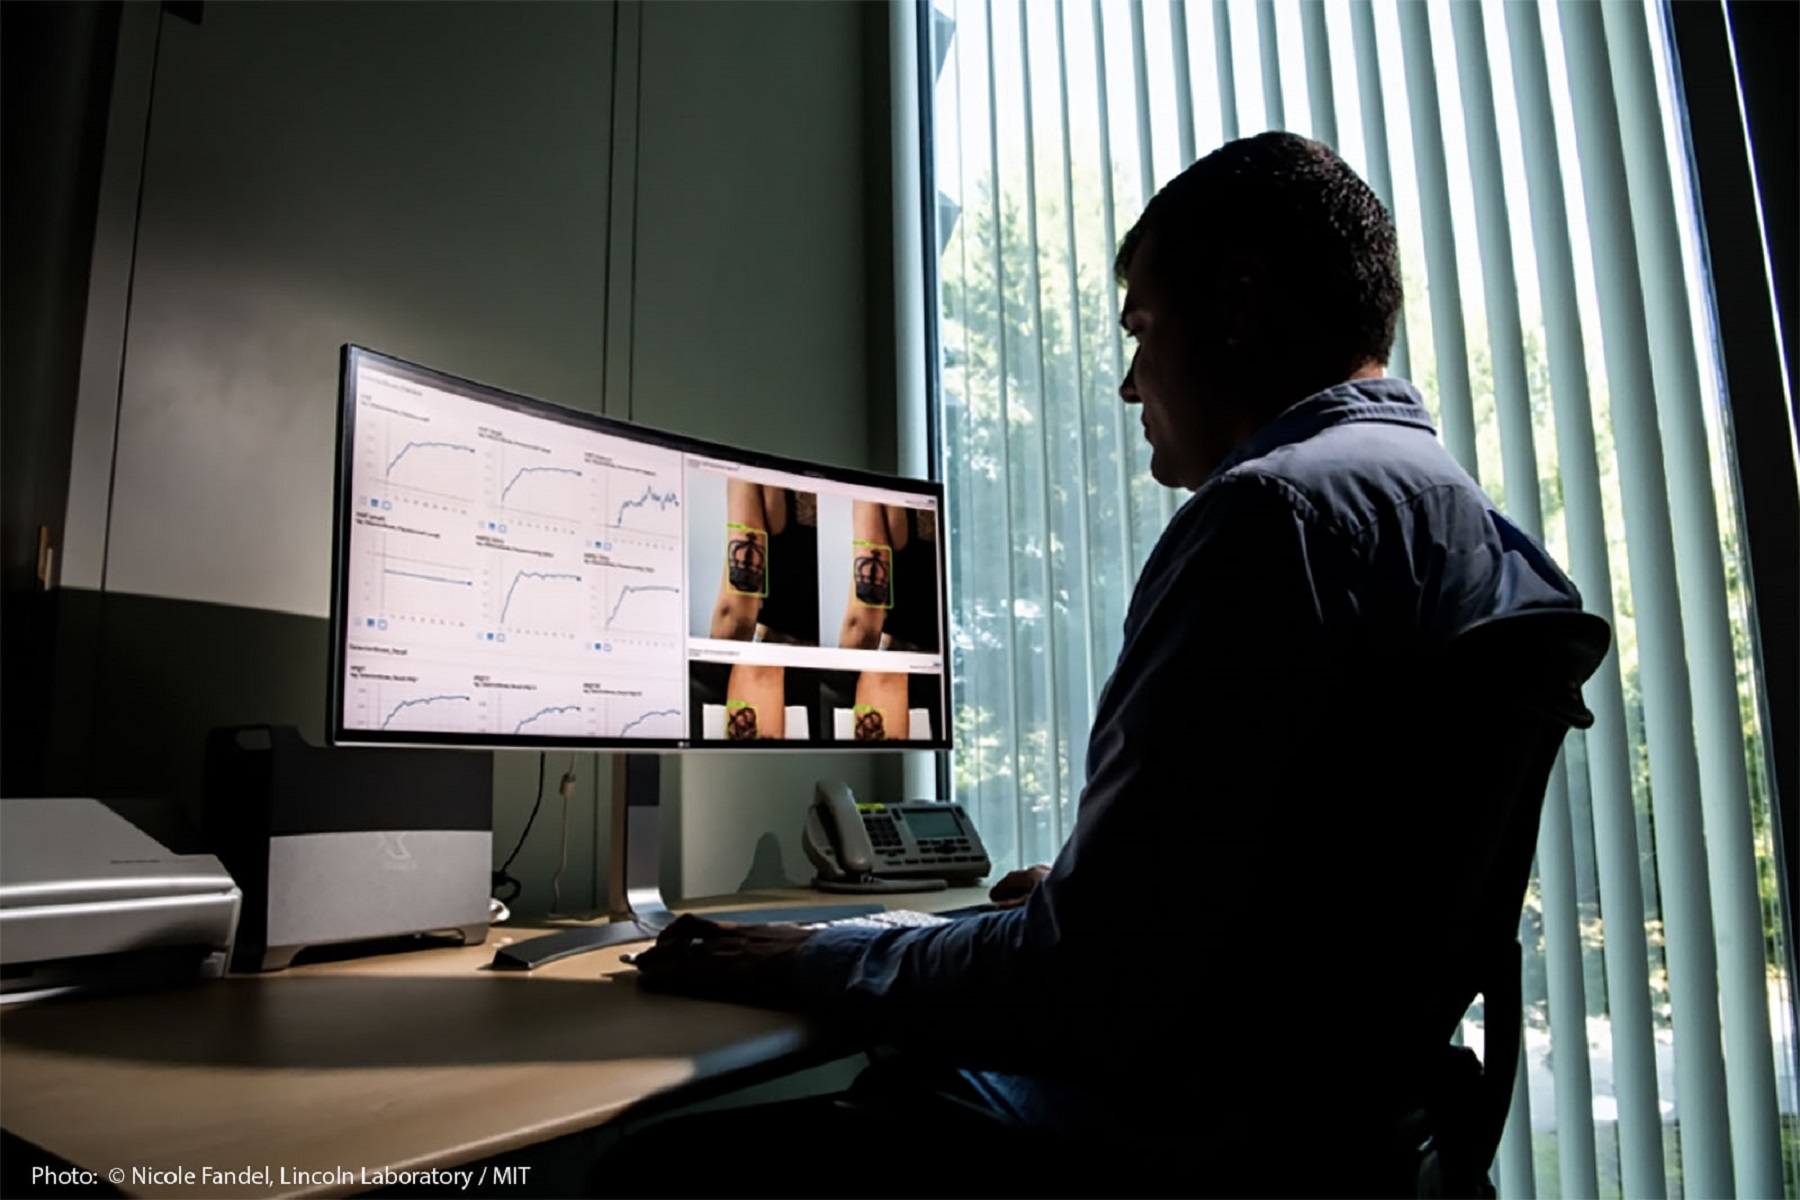 Μηχανική Μάθηση: Αξιοποίηση της δύναμης της τεχνητής νοημοσύνης για την καταπολέμηση της εμπορίας ανθρώπων